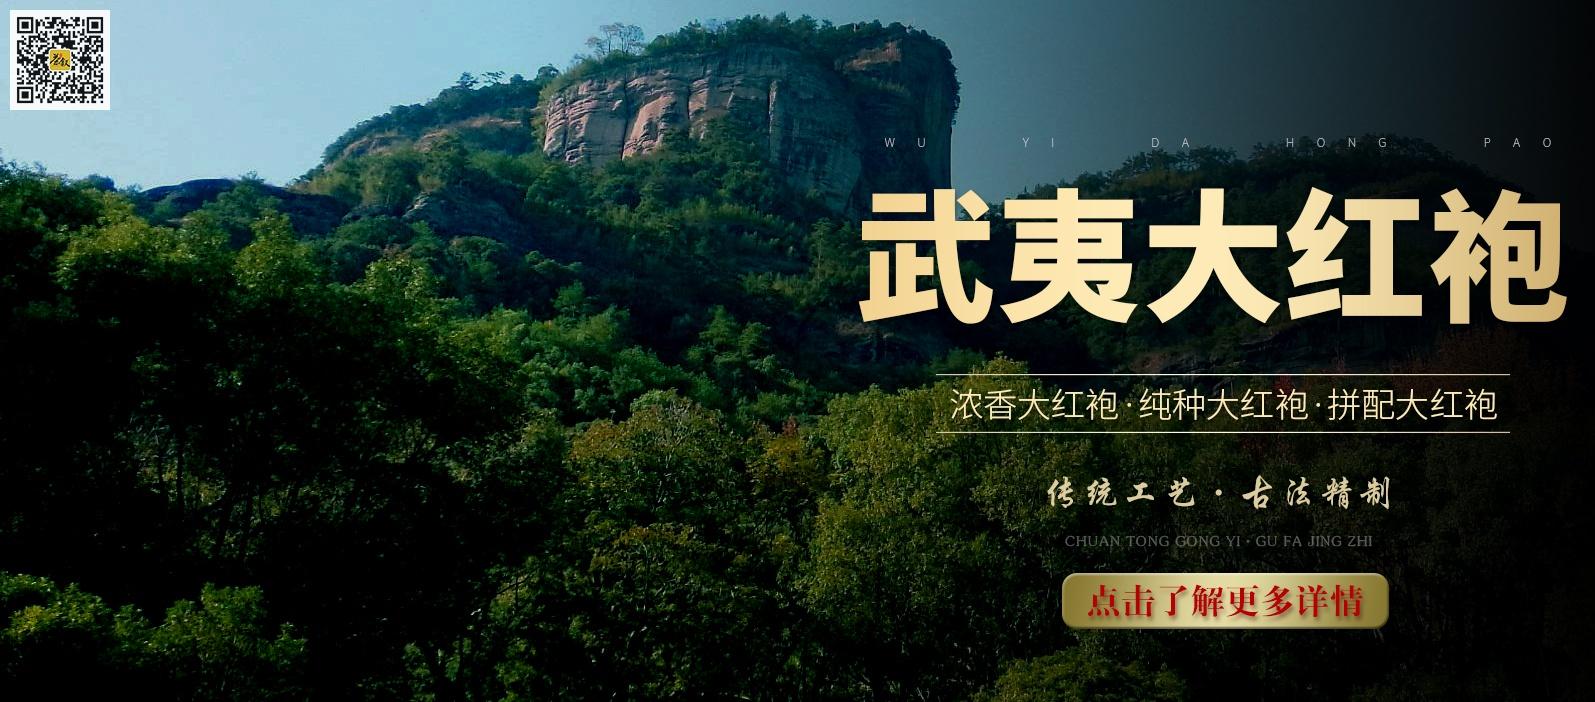 武夷大红袍岩茶